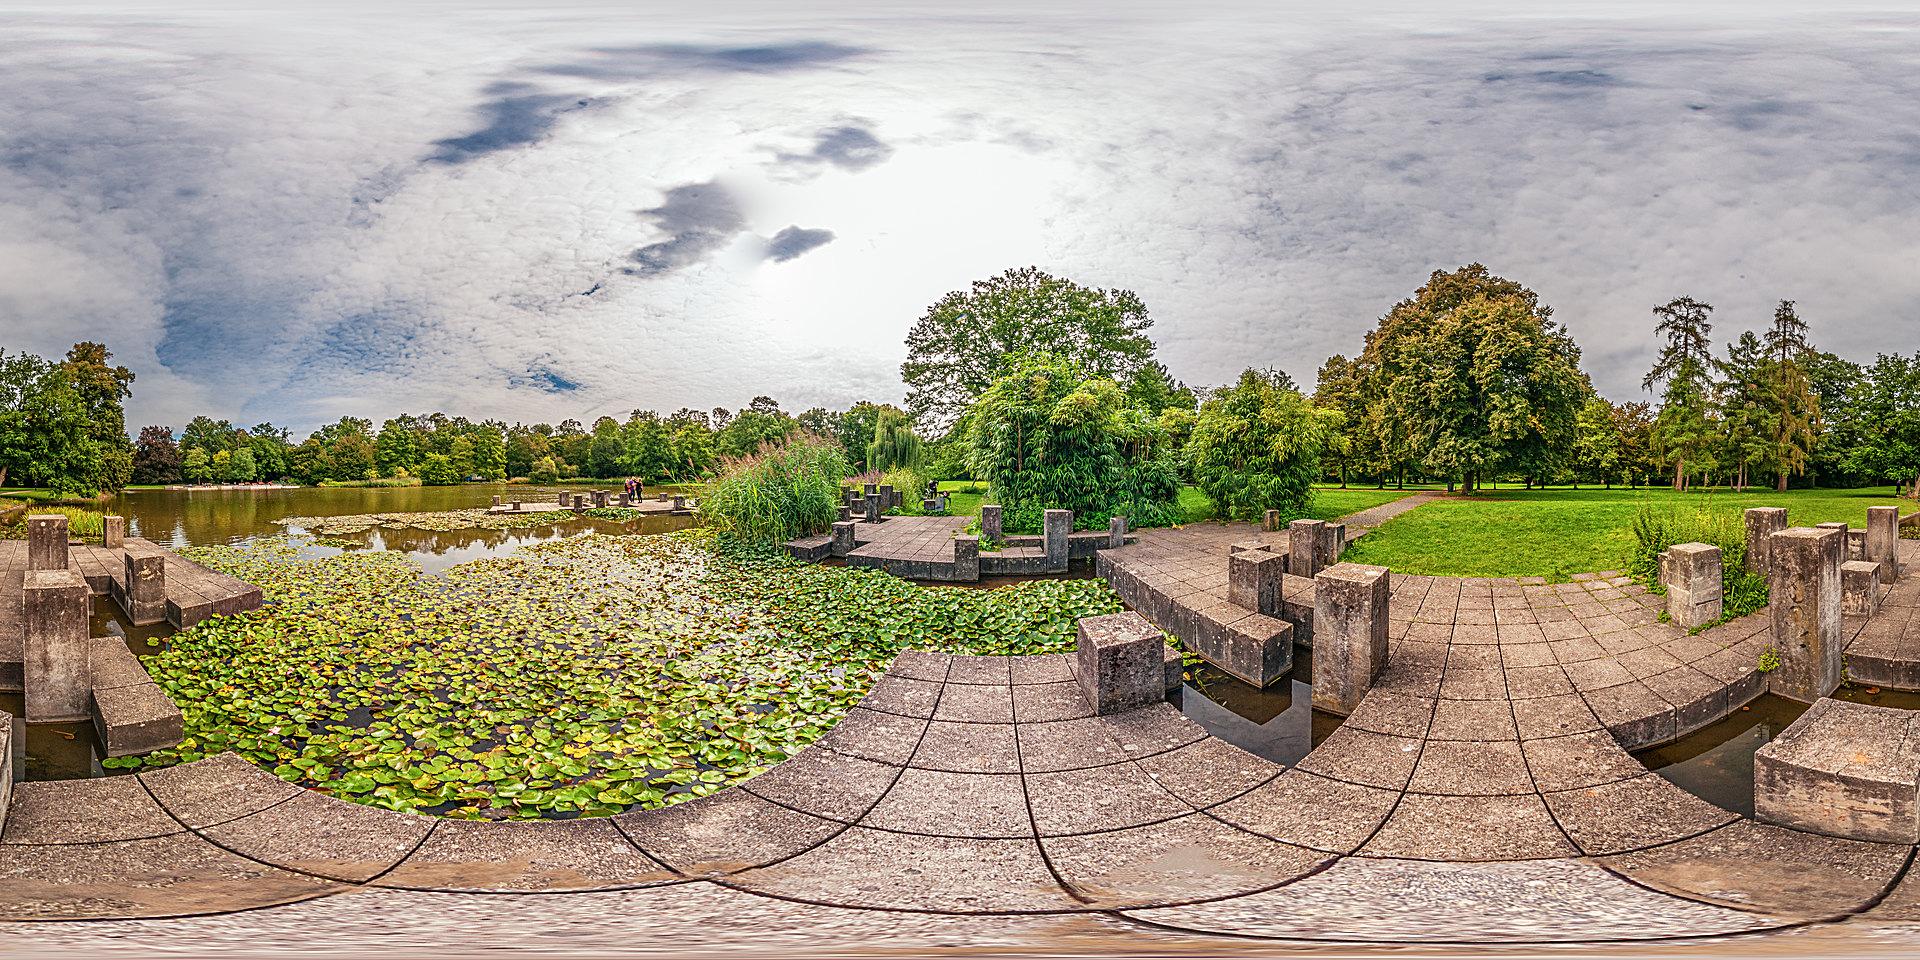 Botanischer Garten Karlsruhe - Teich - Botanischer Garten